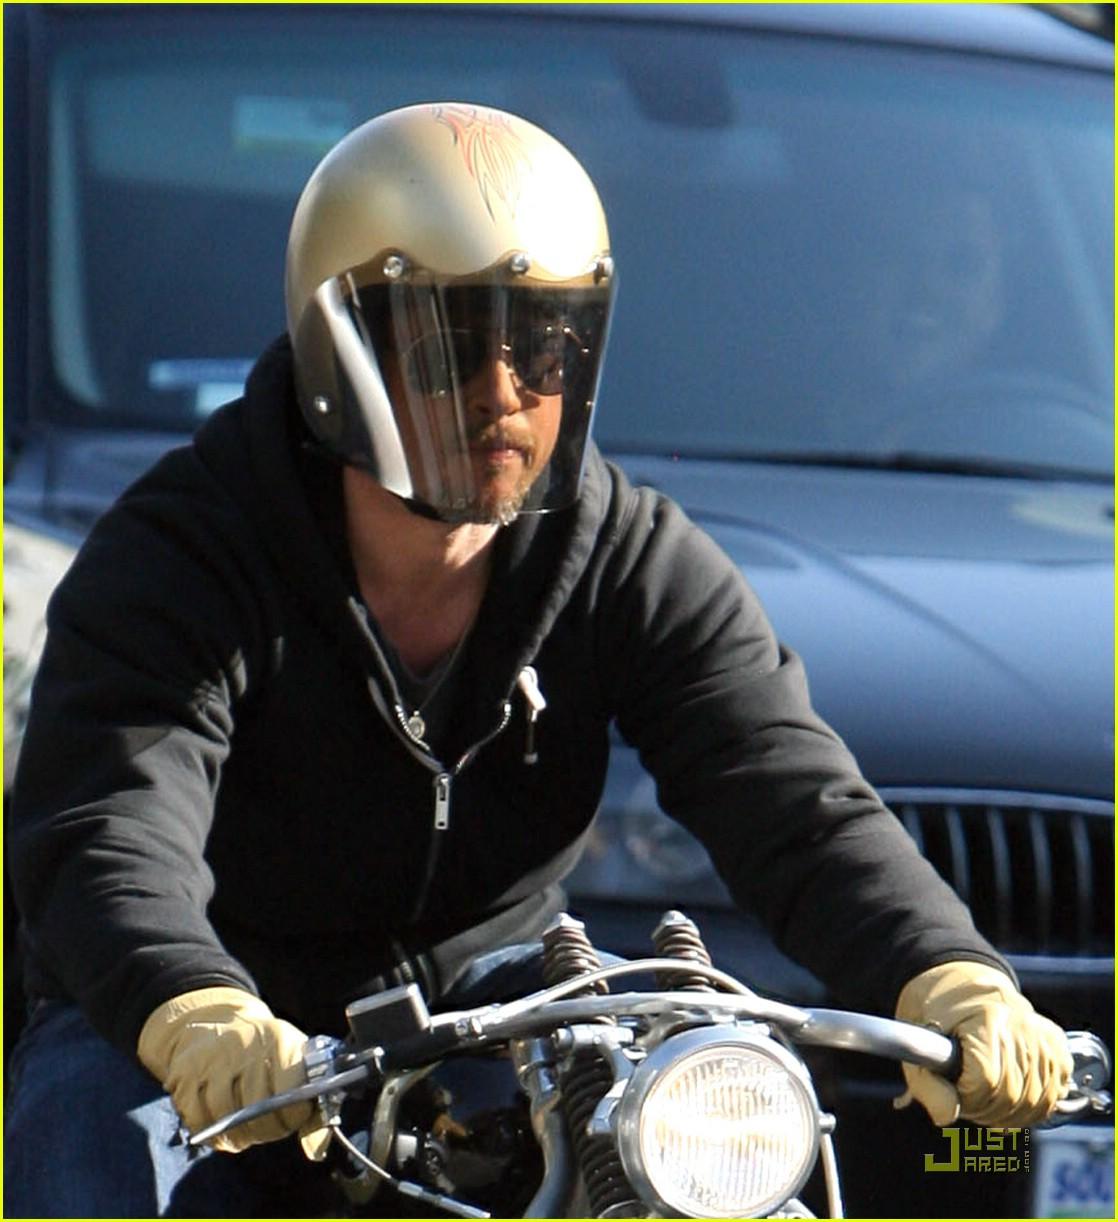 brad pitt motorcycle helmet 031638511